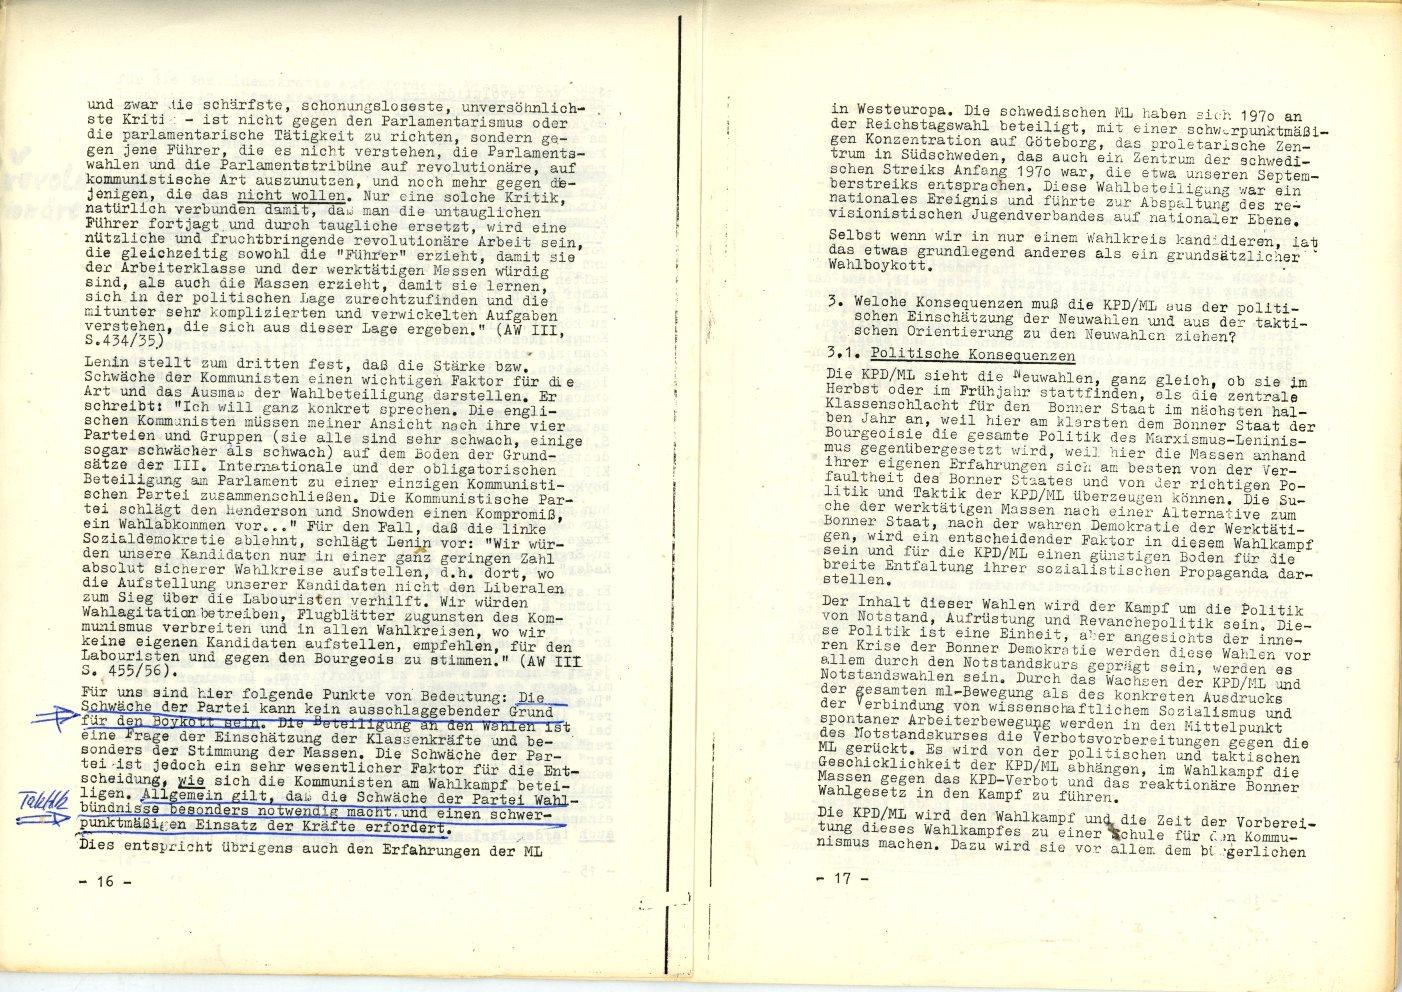 ZB_Rahmenplan_19720804_10